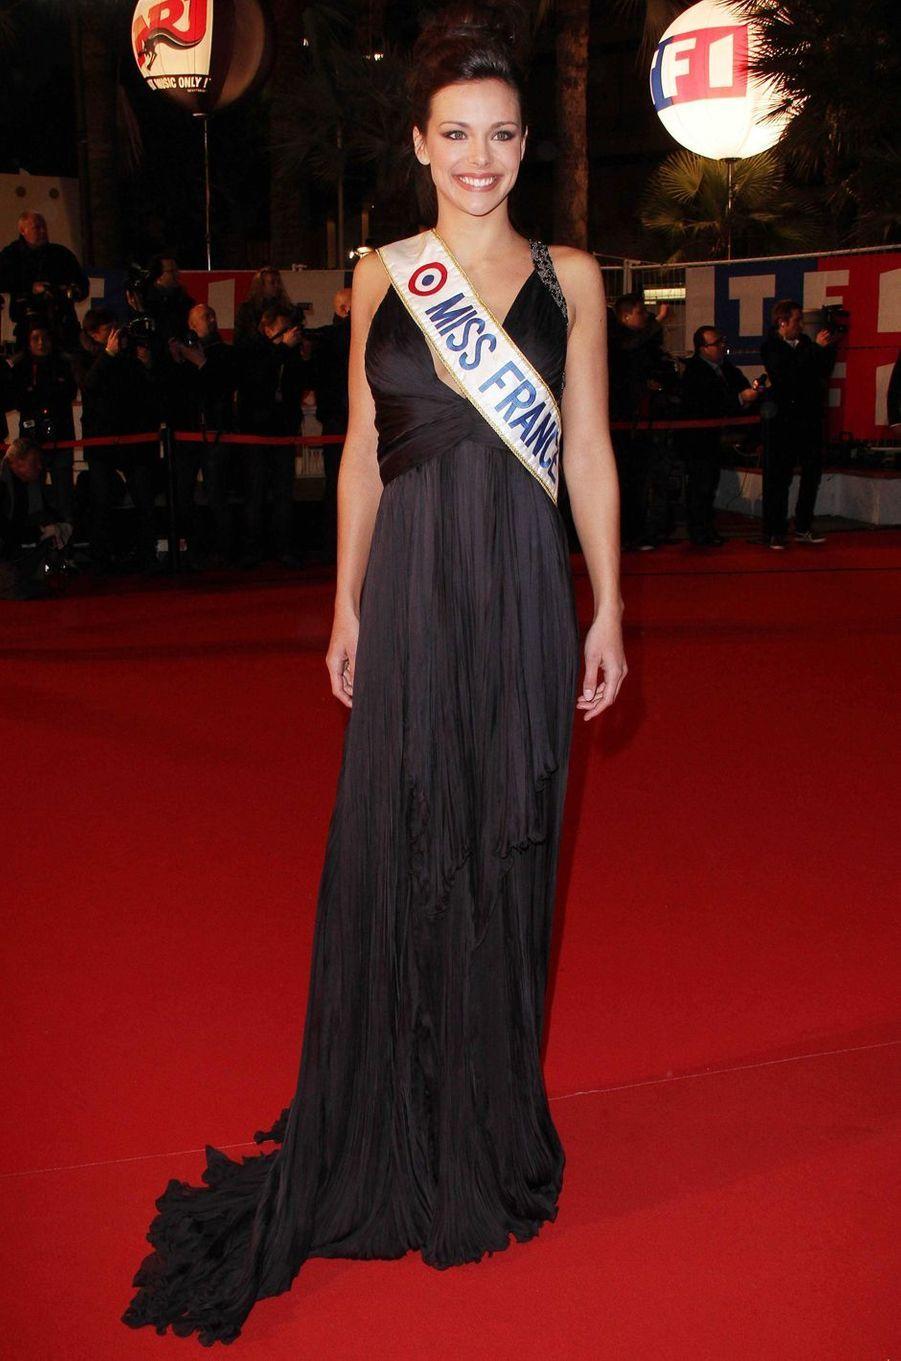 Marine Lorphelin, le 26 janvier 2013 à Cannes